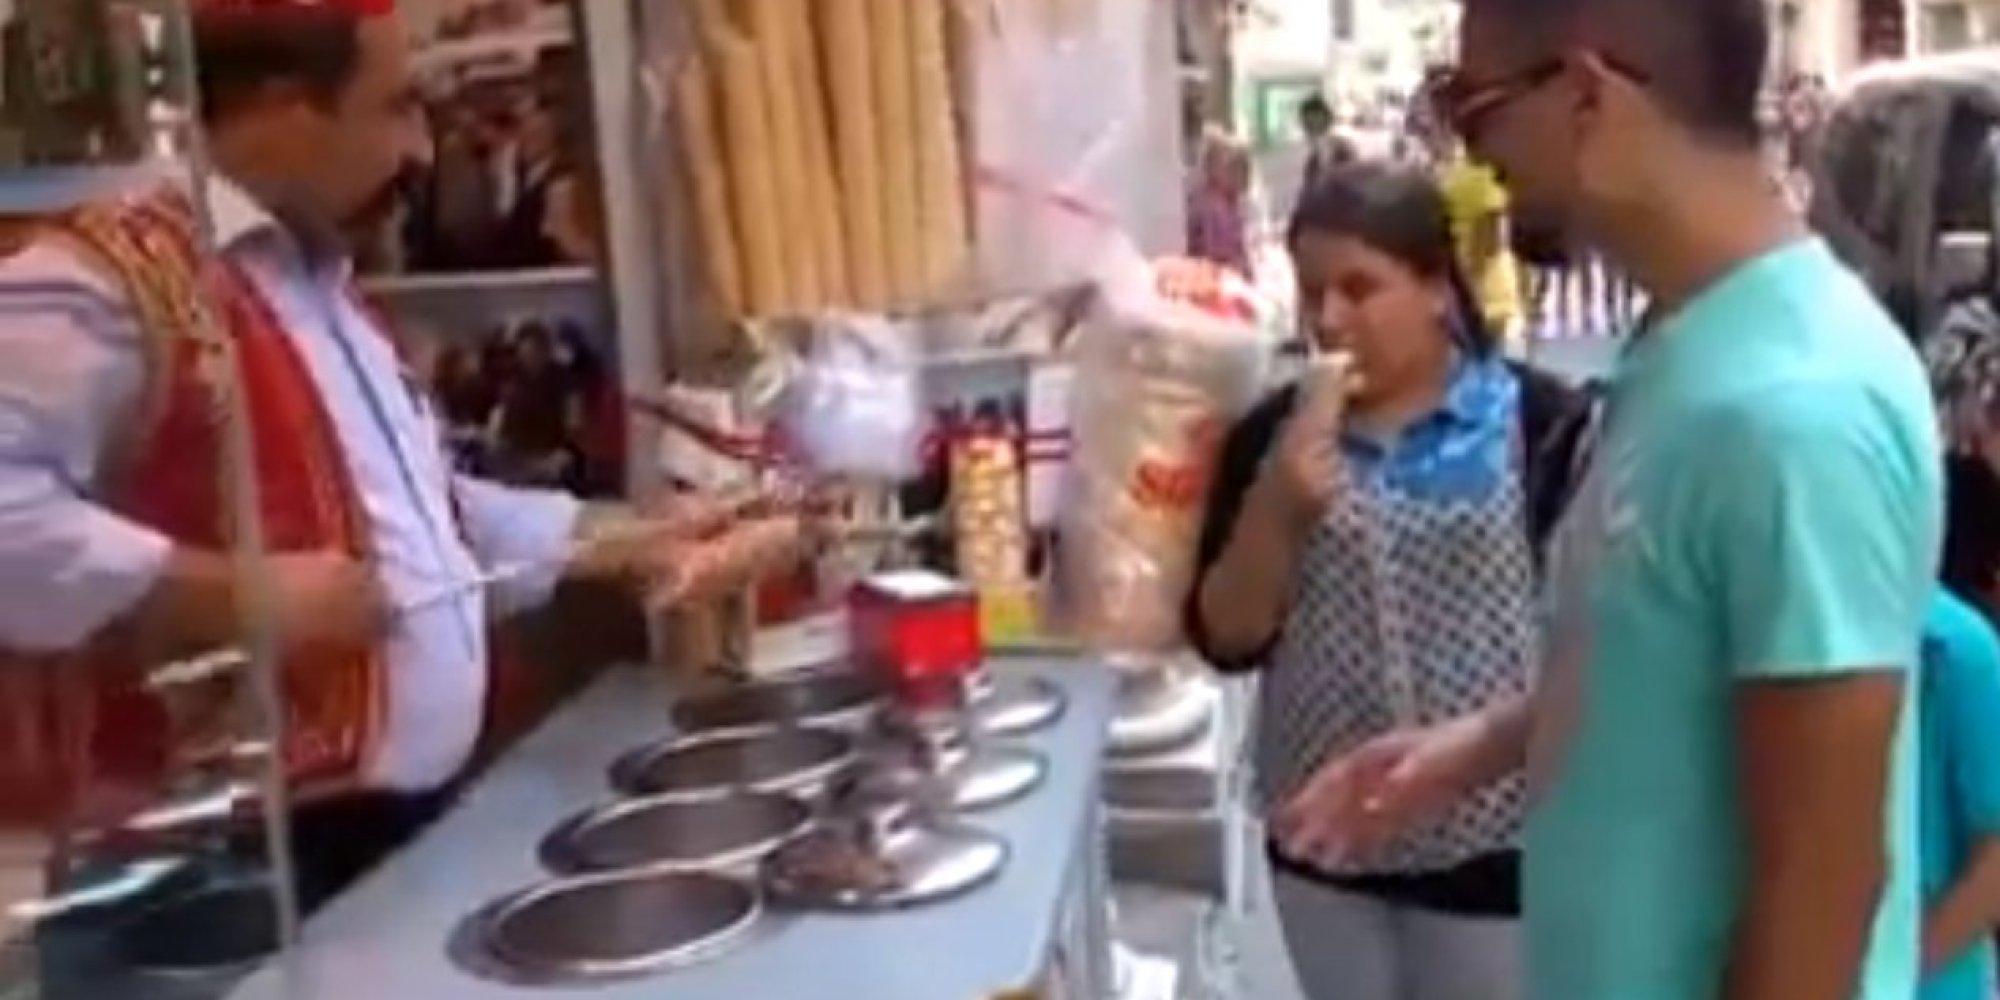 Продавец мороженного порно 15 фотография